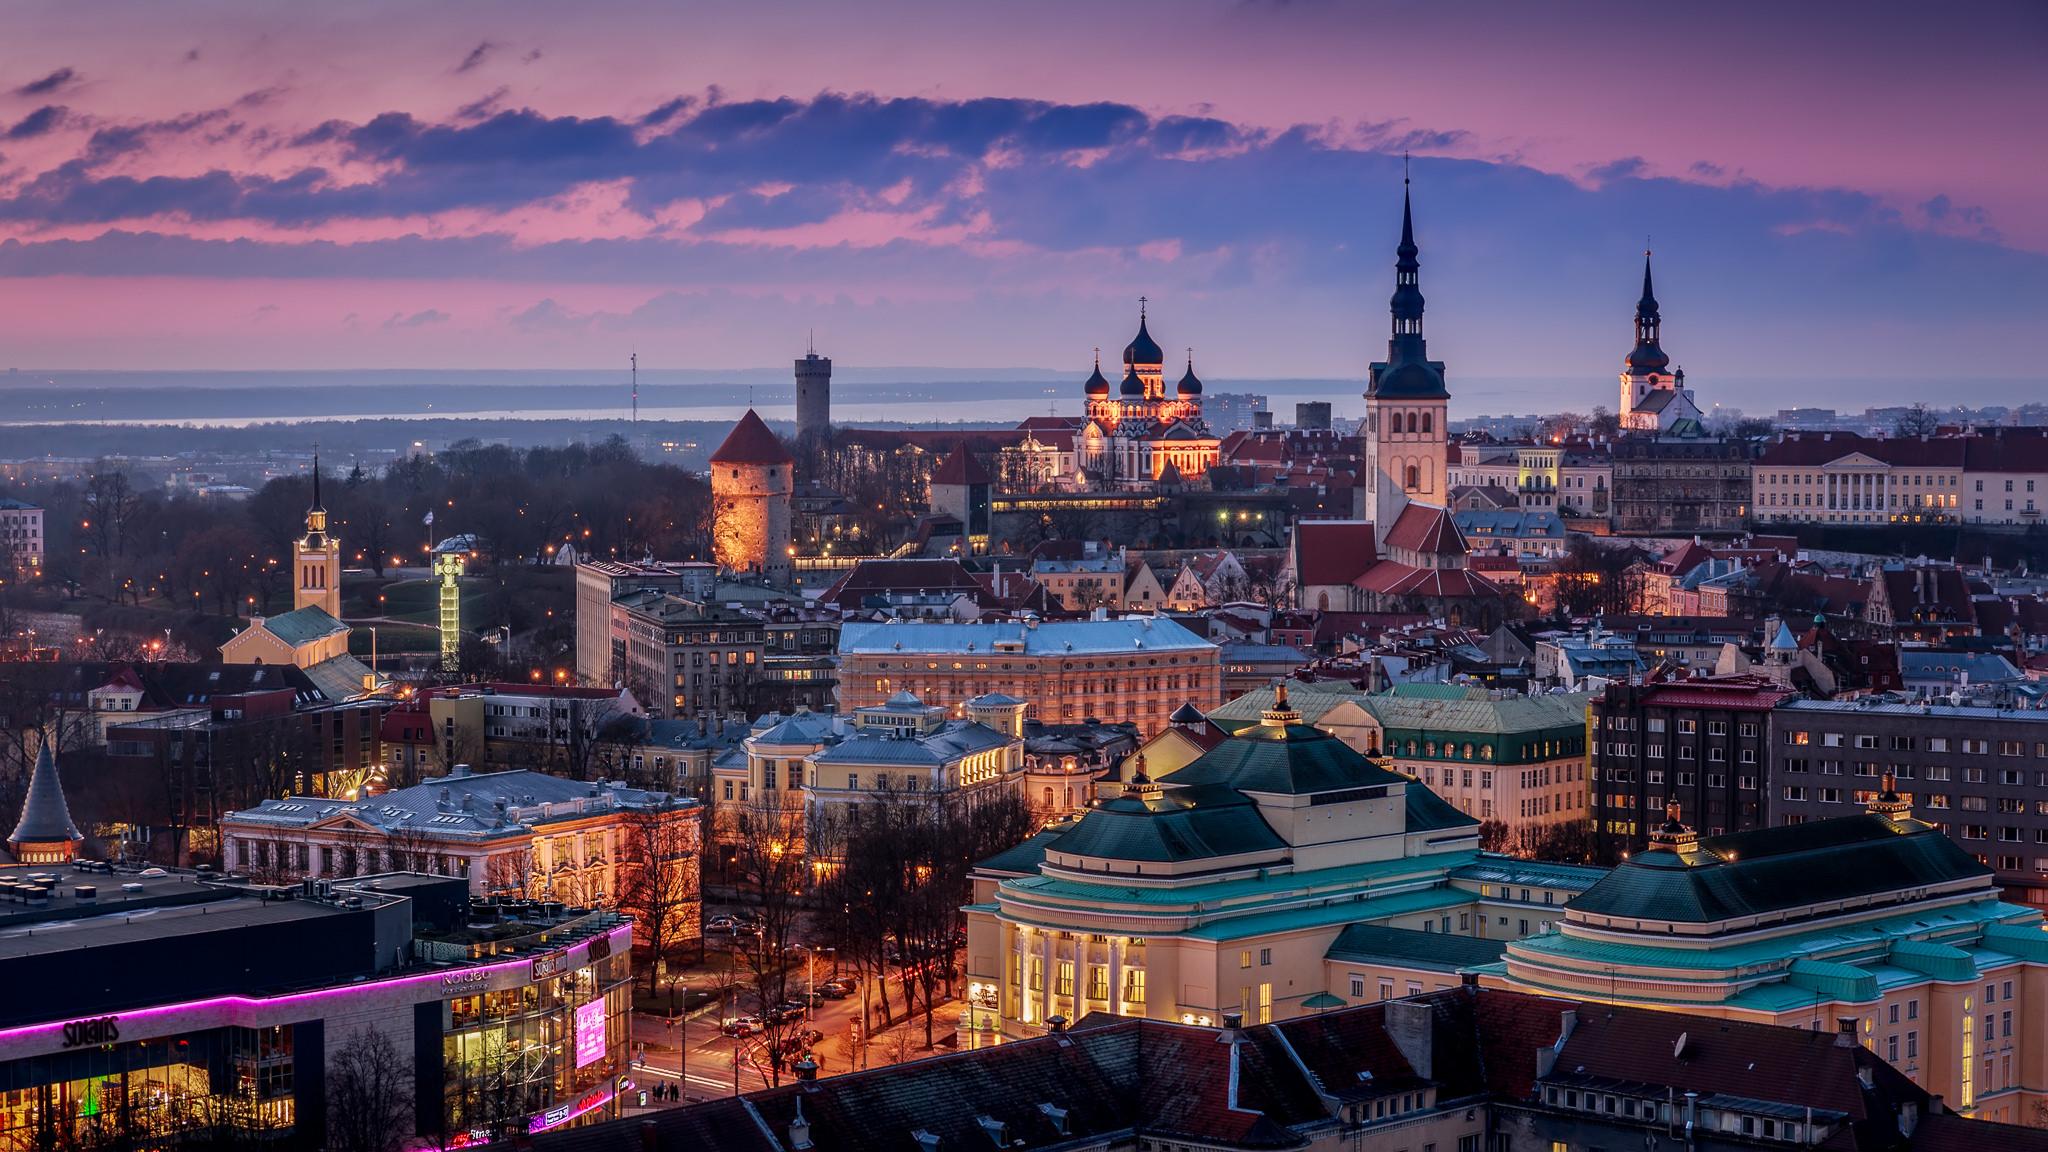 Puhkepäevad ja riigipühad 2016 Eestis